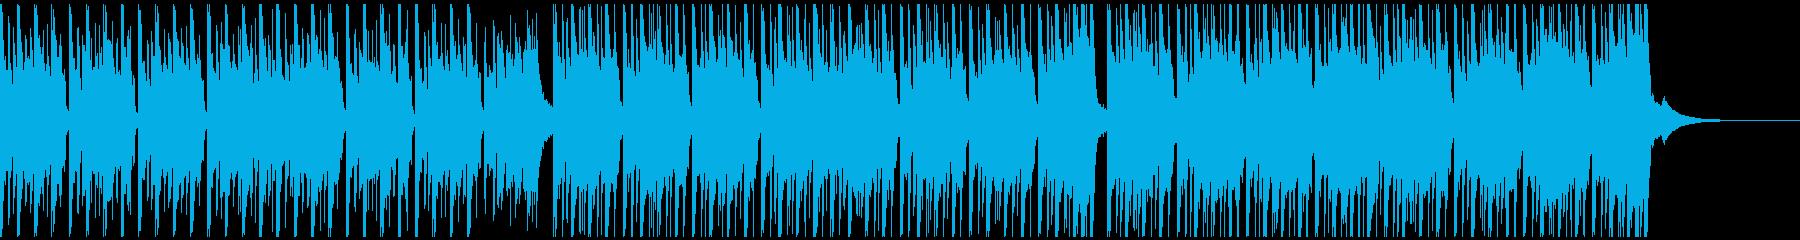 エレクトロスポーツ(60秒)の再生済みの波形